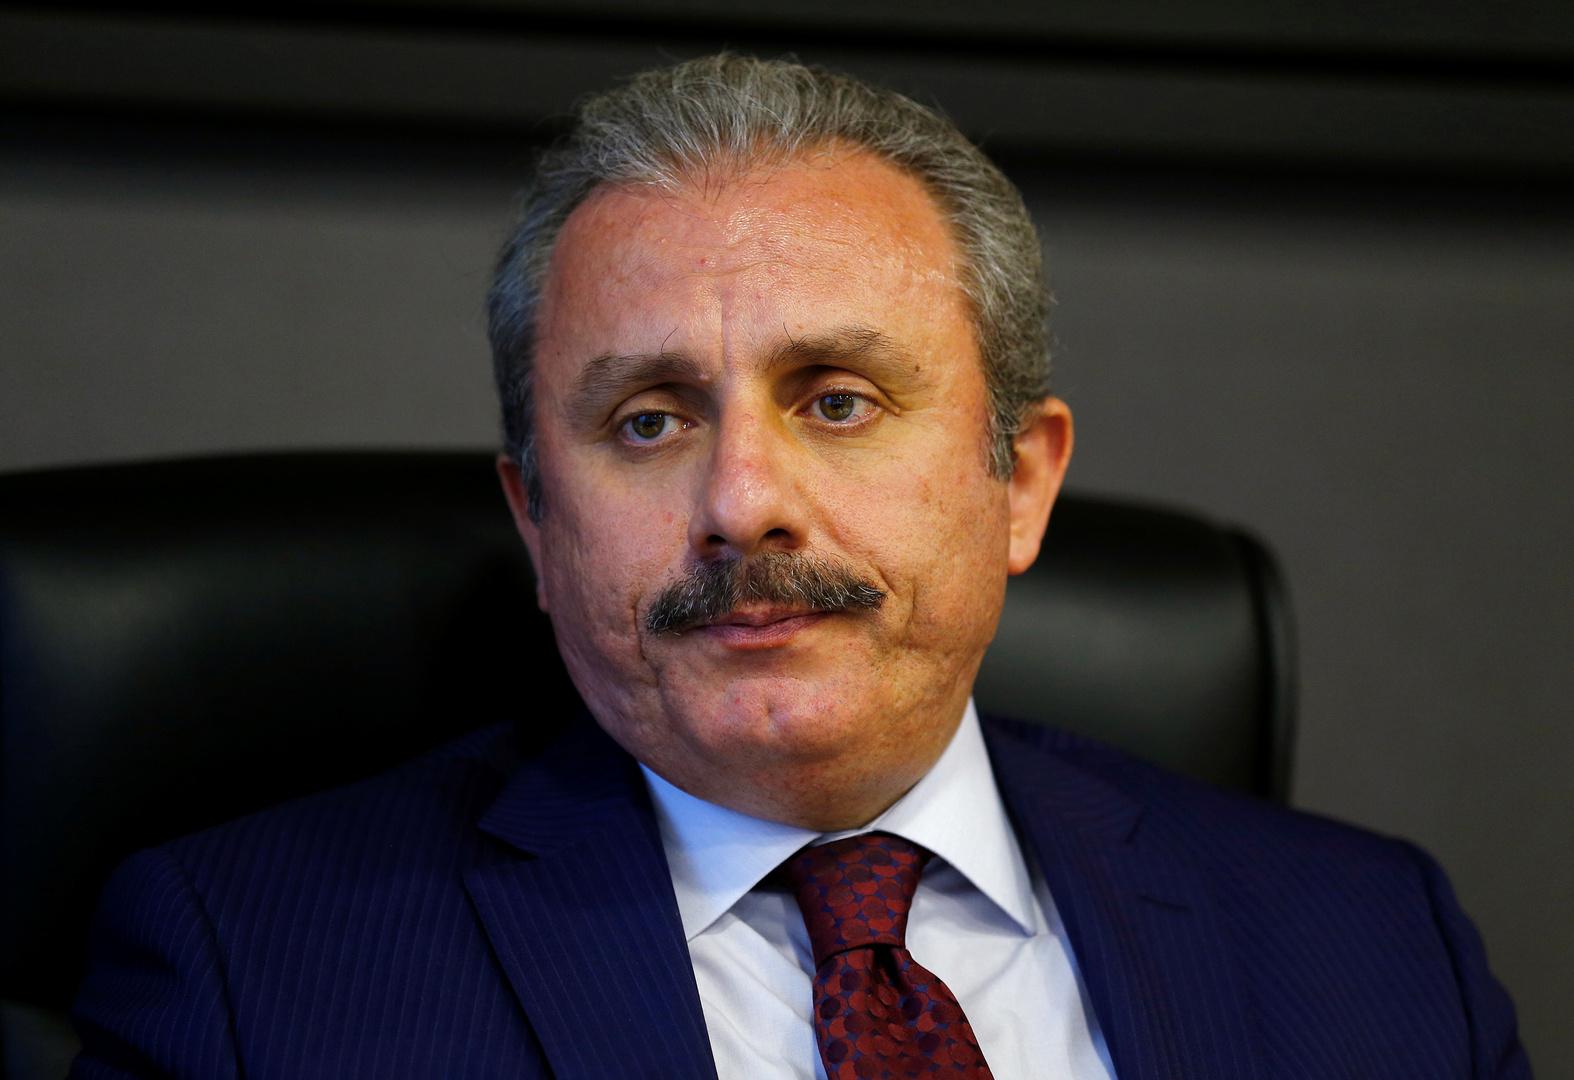 رئيس البرلمان التركي: إسرائيل أدركت جيدا أن القوة لن تردع الفلسطينيين